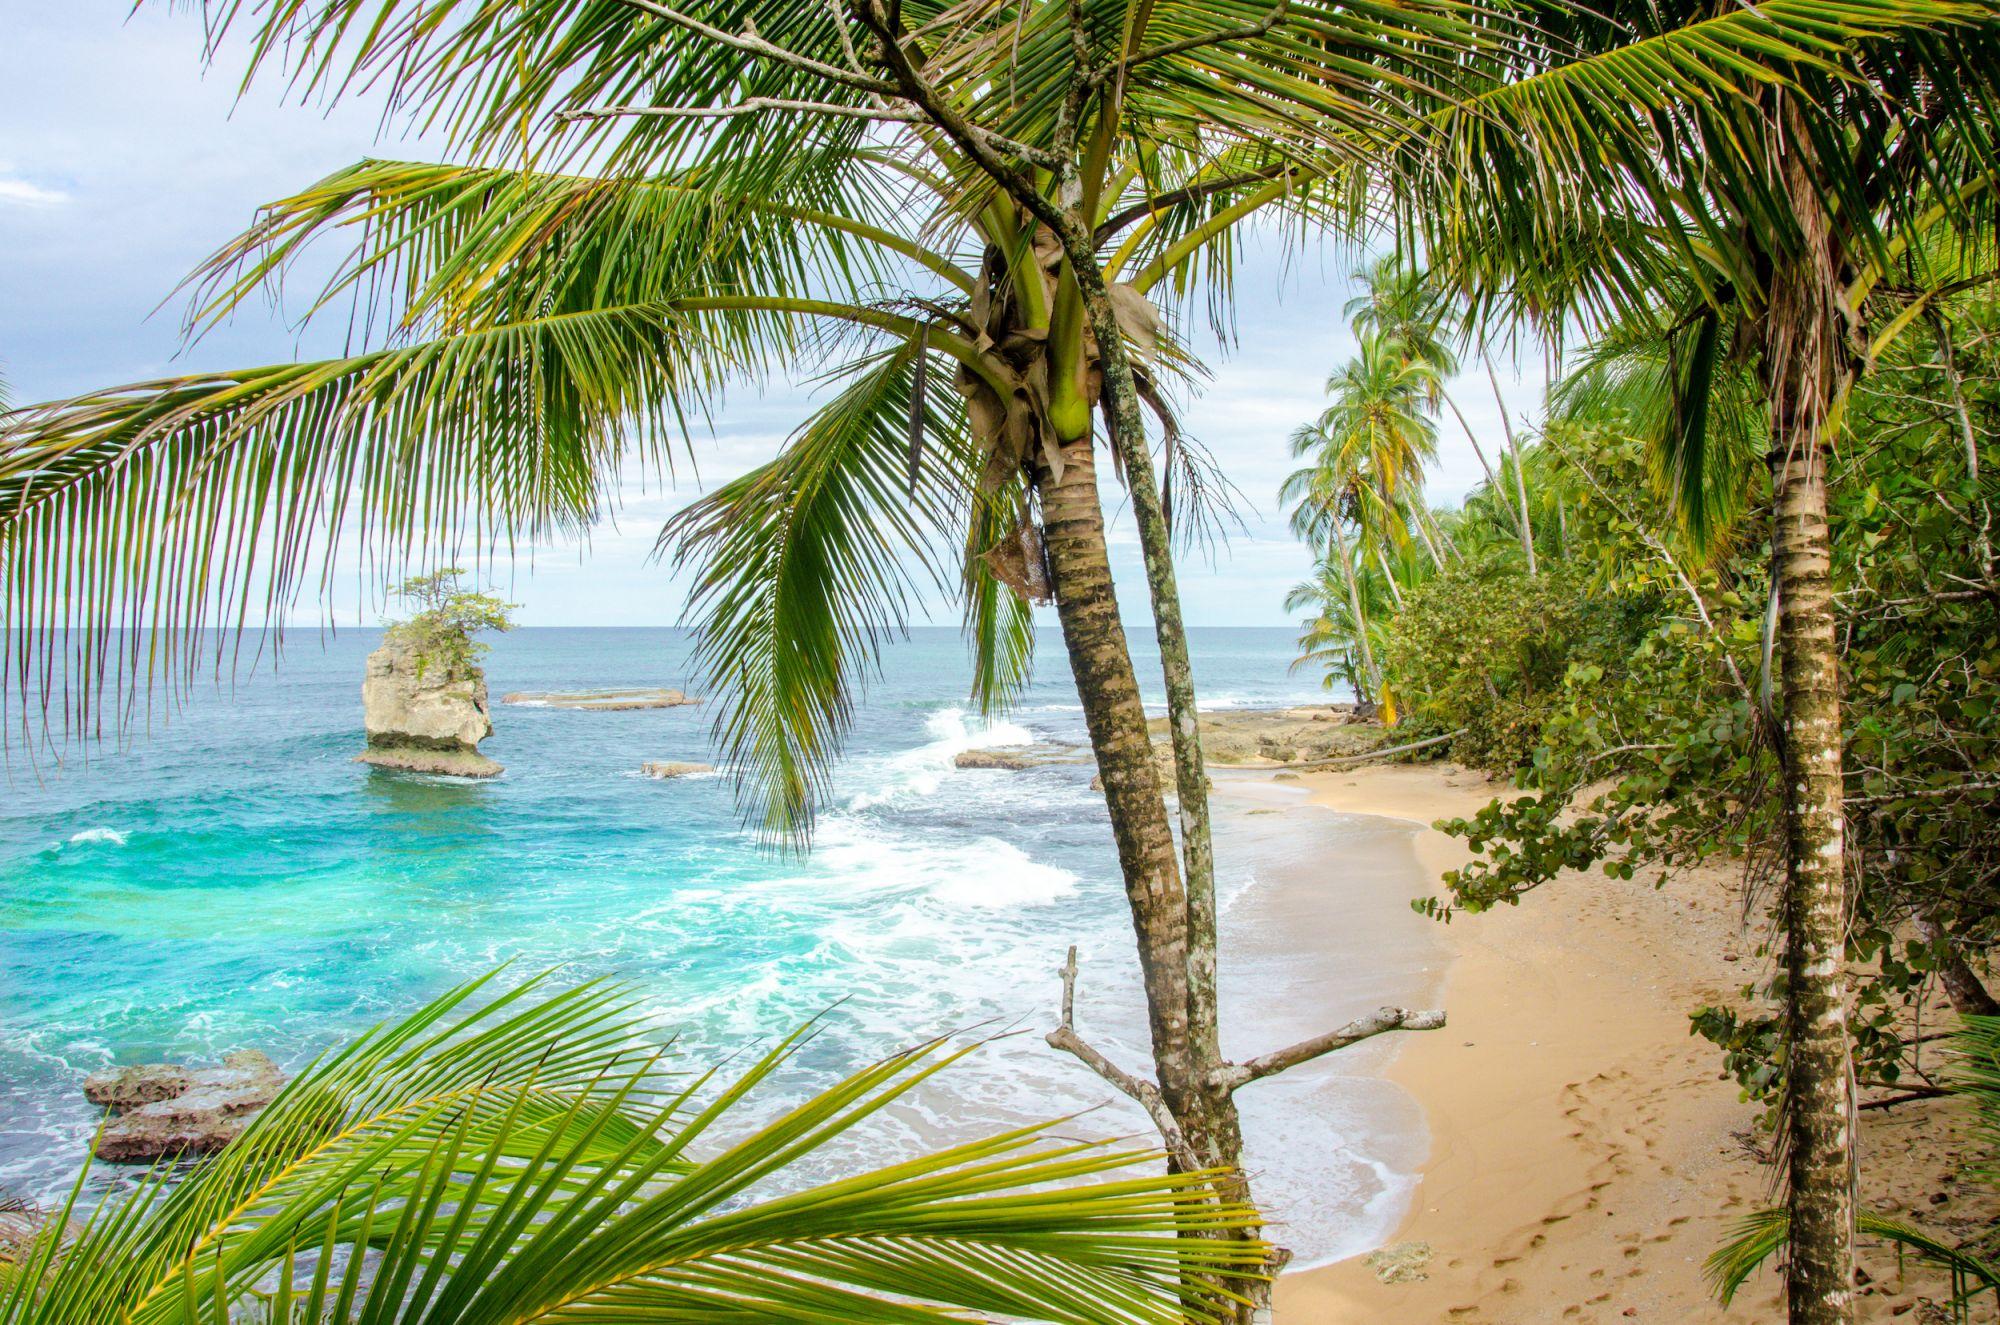 Trovare Lavoro In Costa Rica costa rica: il meglio della costa caraibica - lonely planet